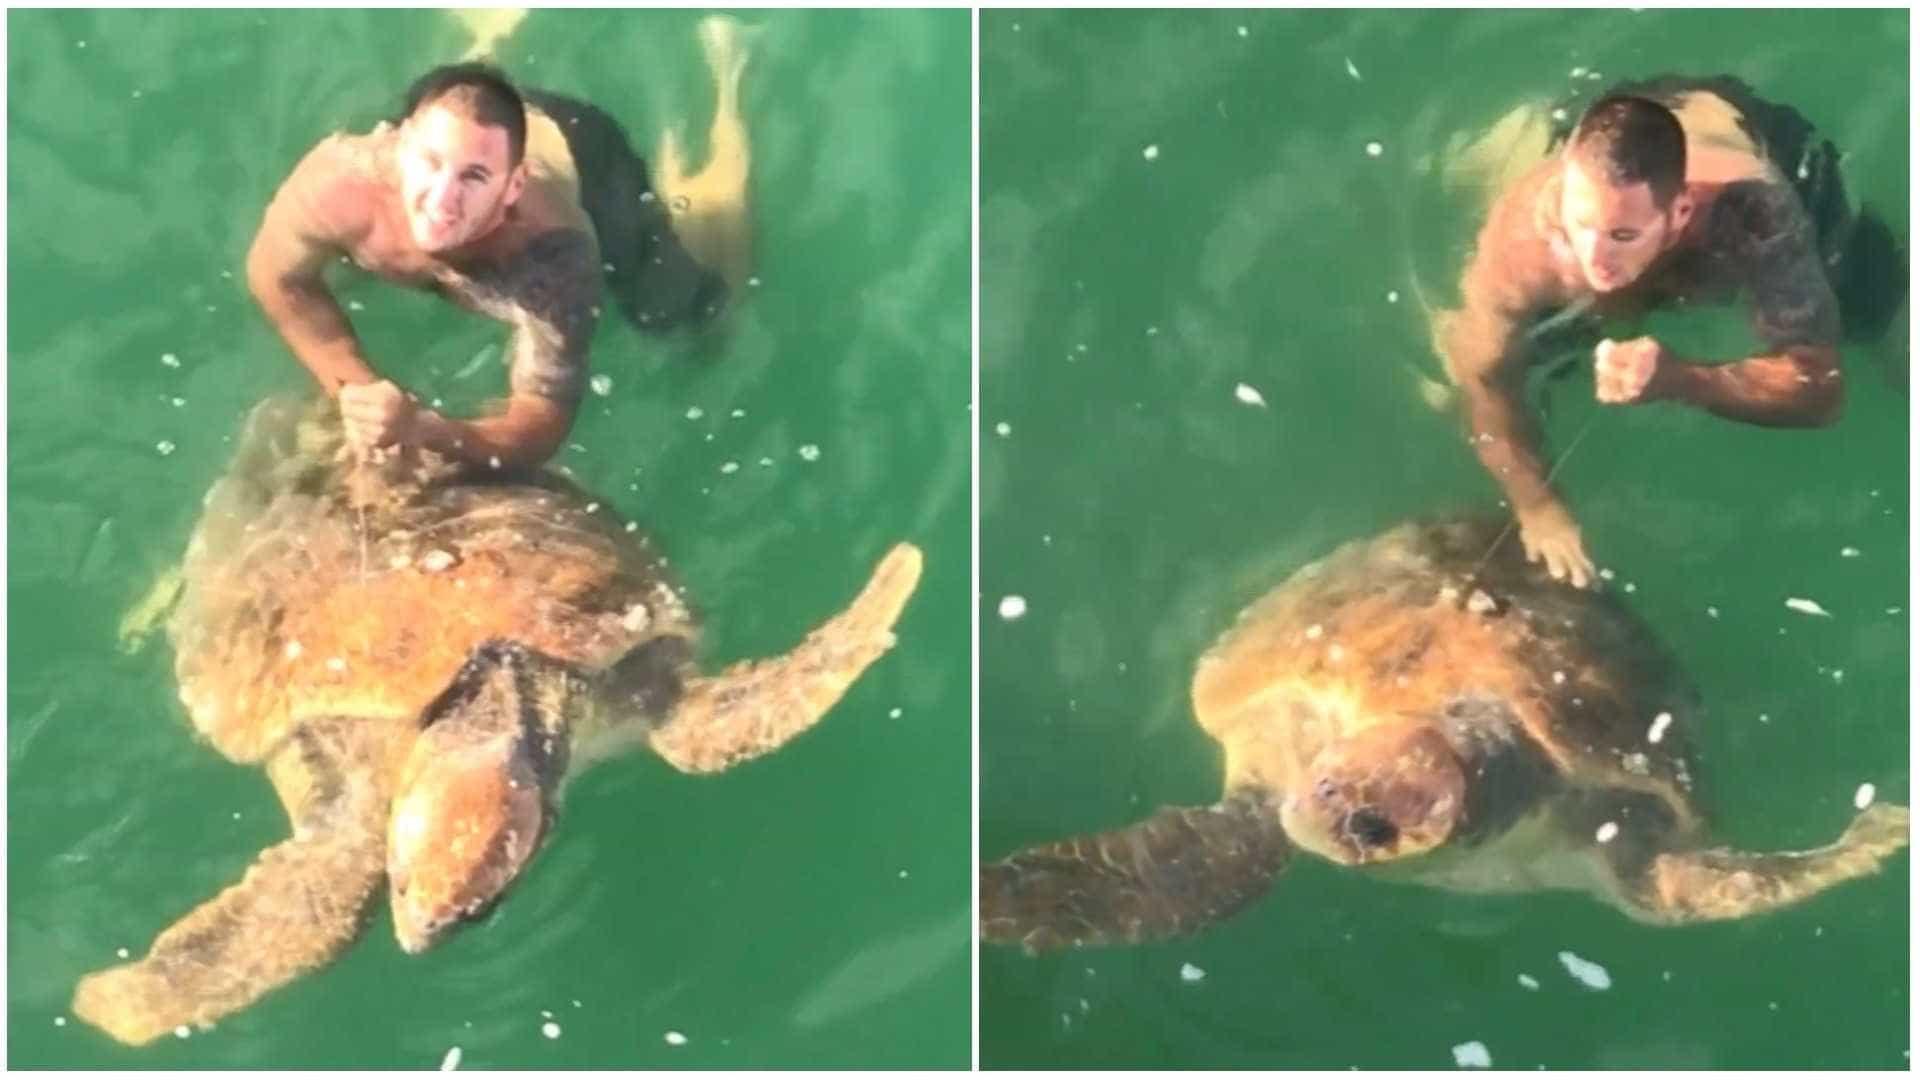 Tartaruga gigante é resgatada após ser fisgada por anzol